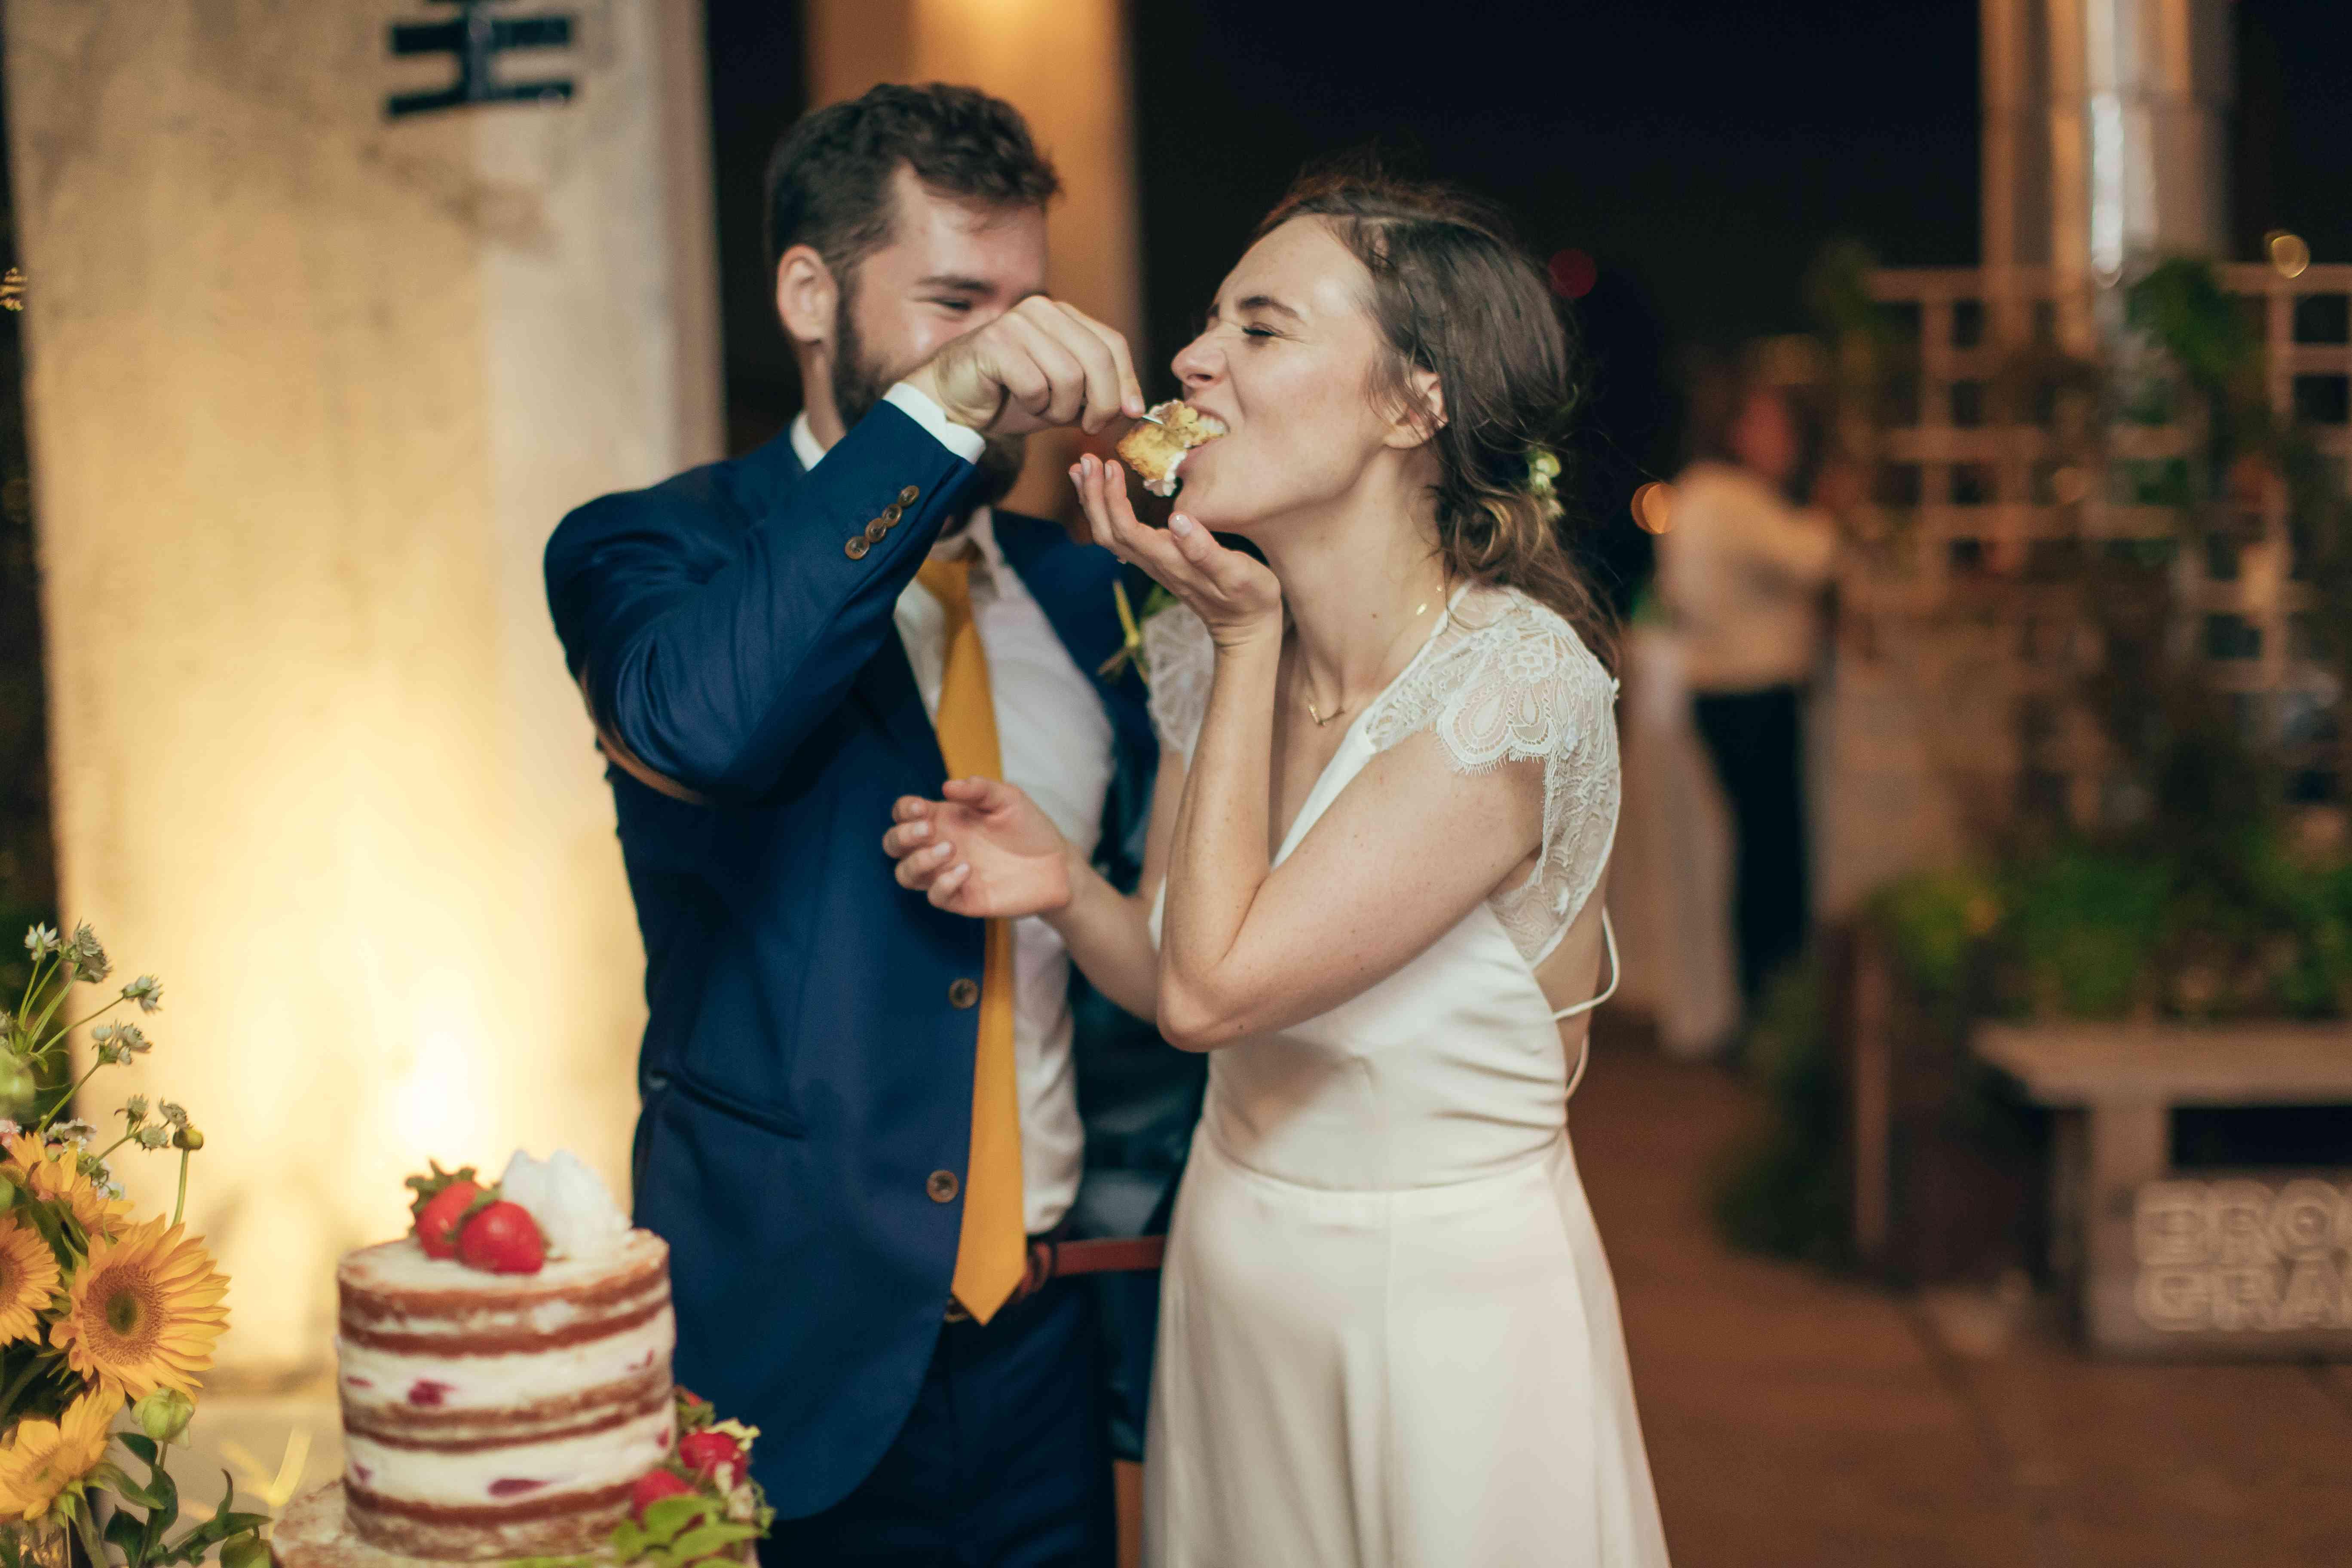 Bride eating cake